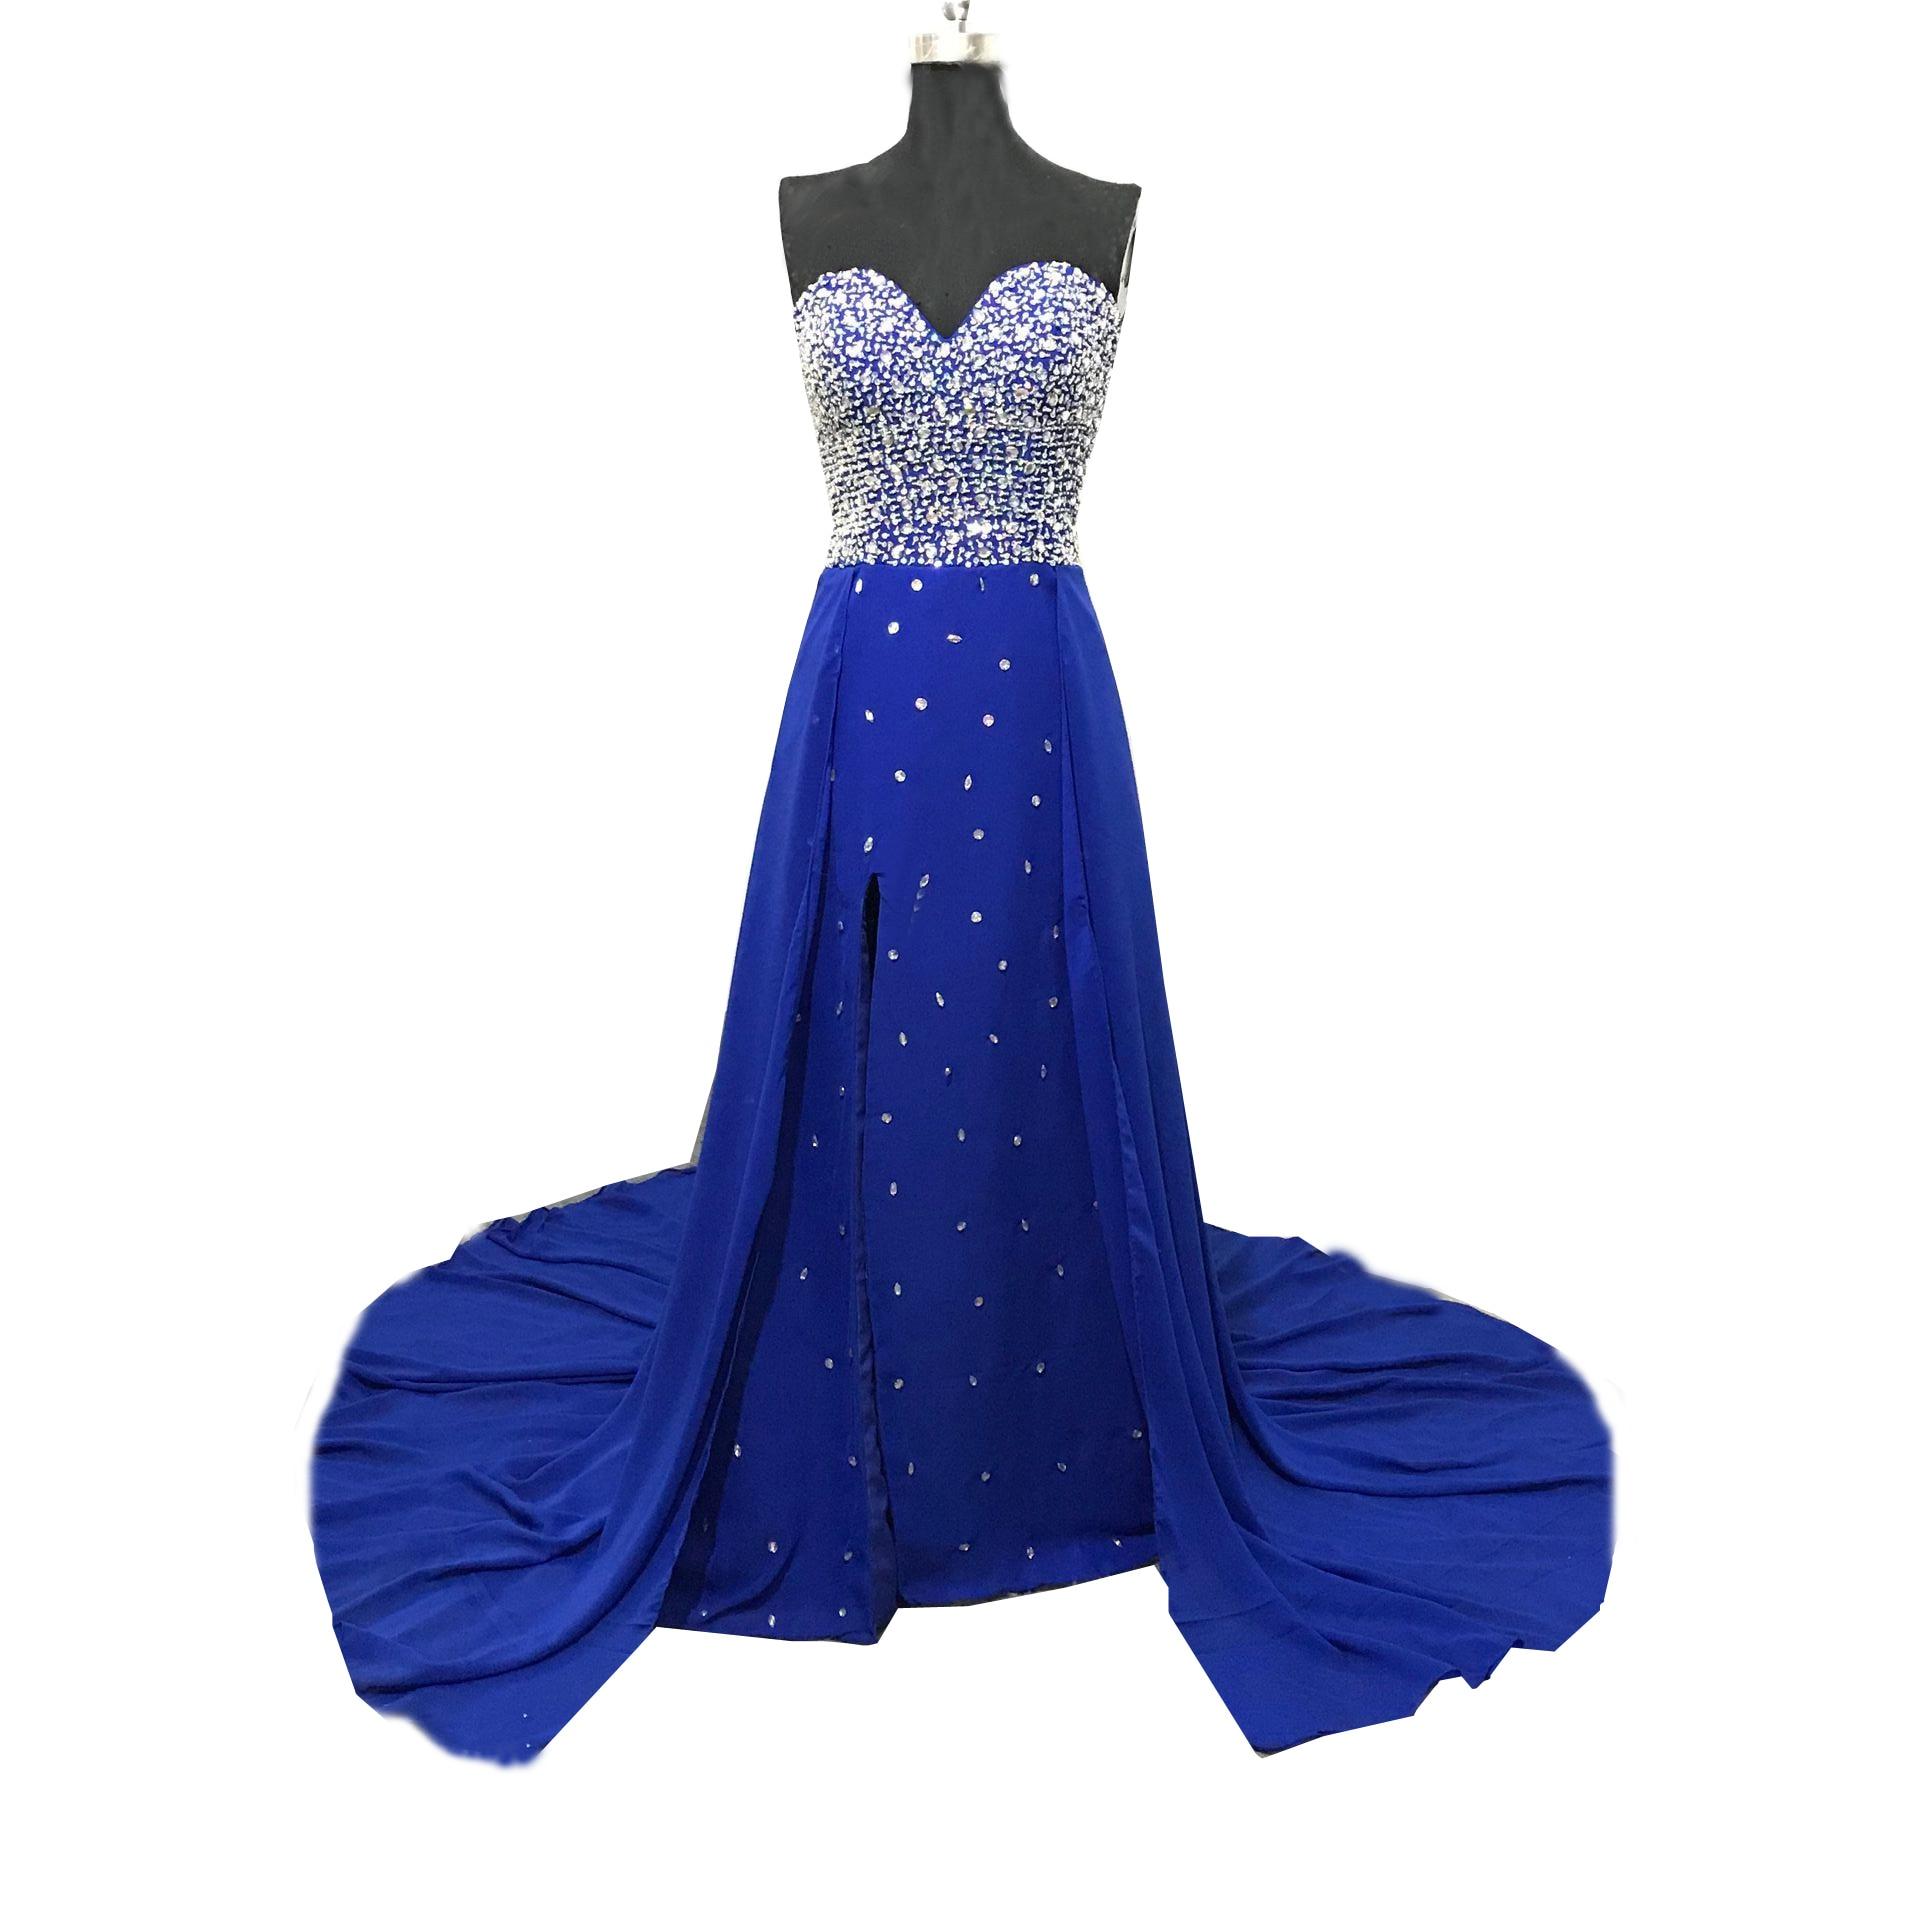 Mousseline de soie perlée cristal Swarovski cristaux cuisse-haute fente robe chérie perlée fermeture éclair bleu Royal